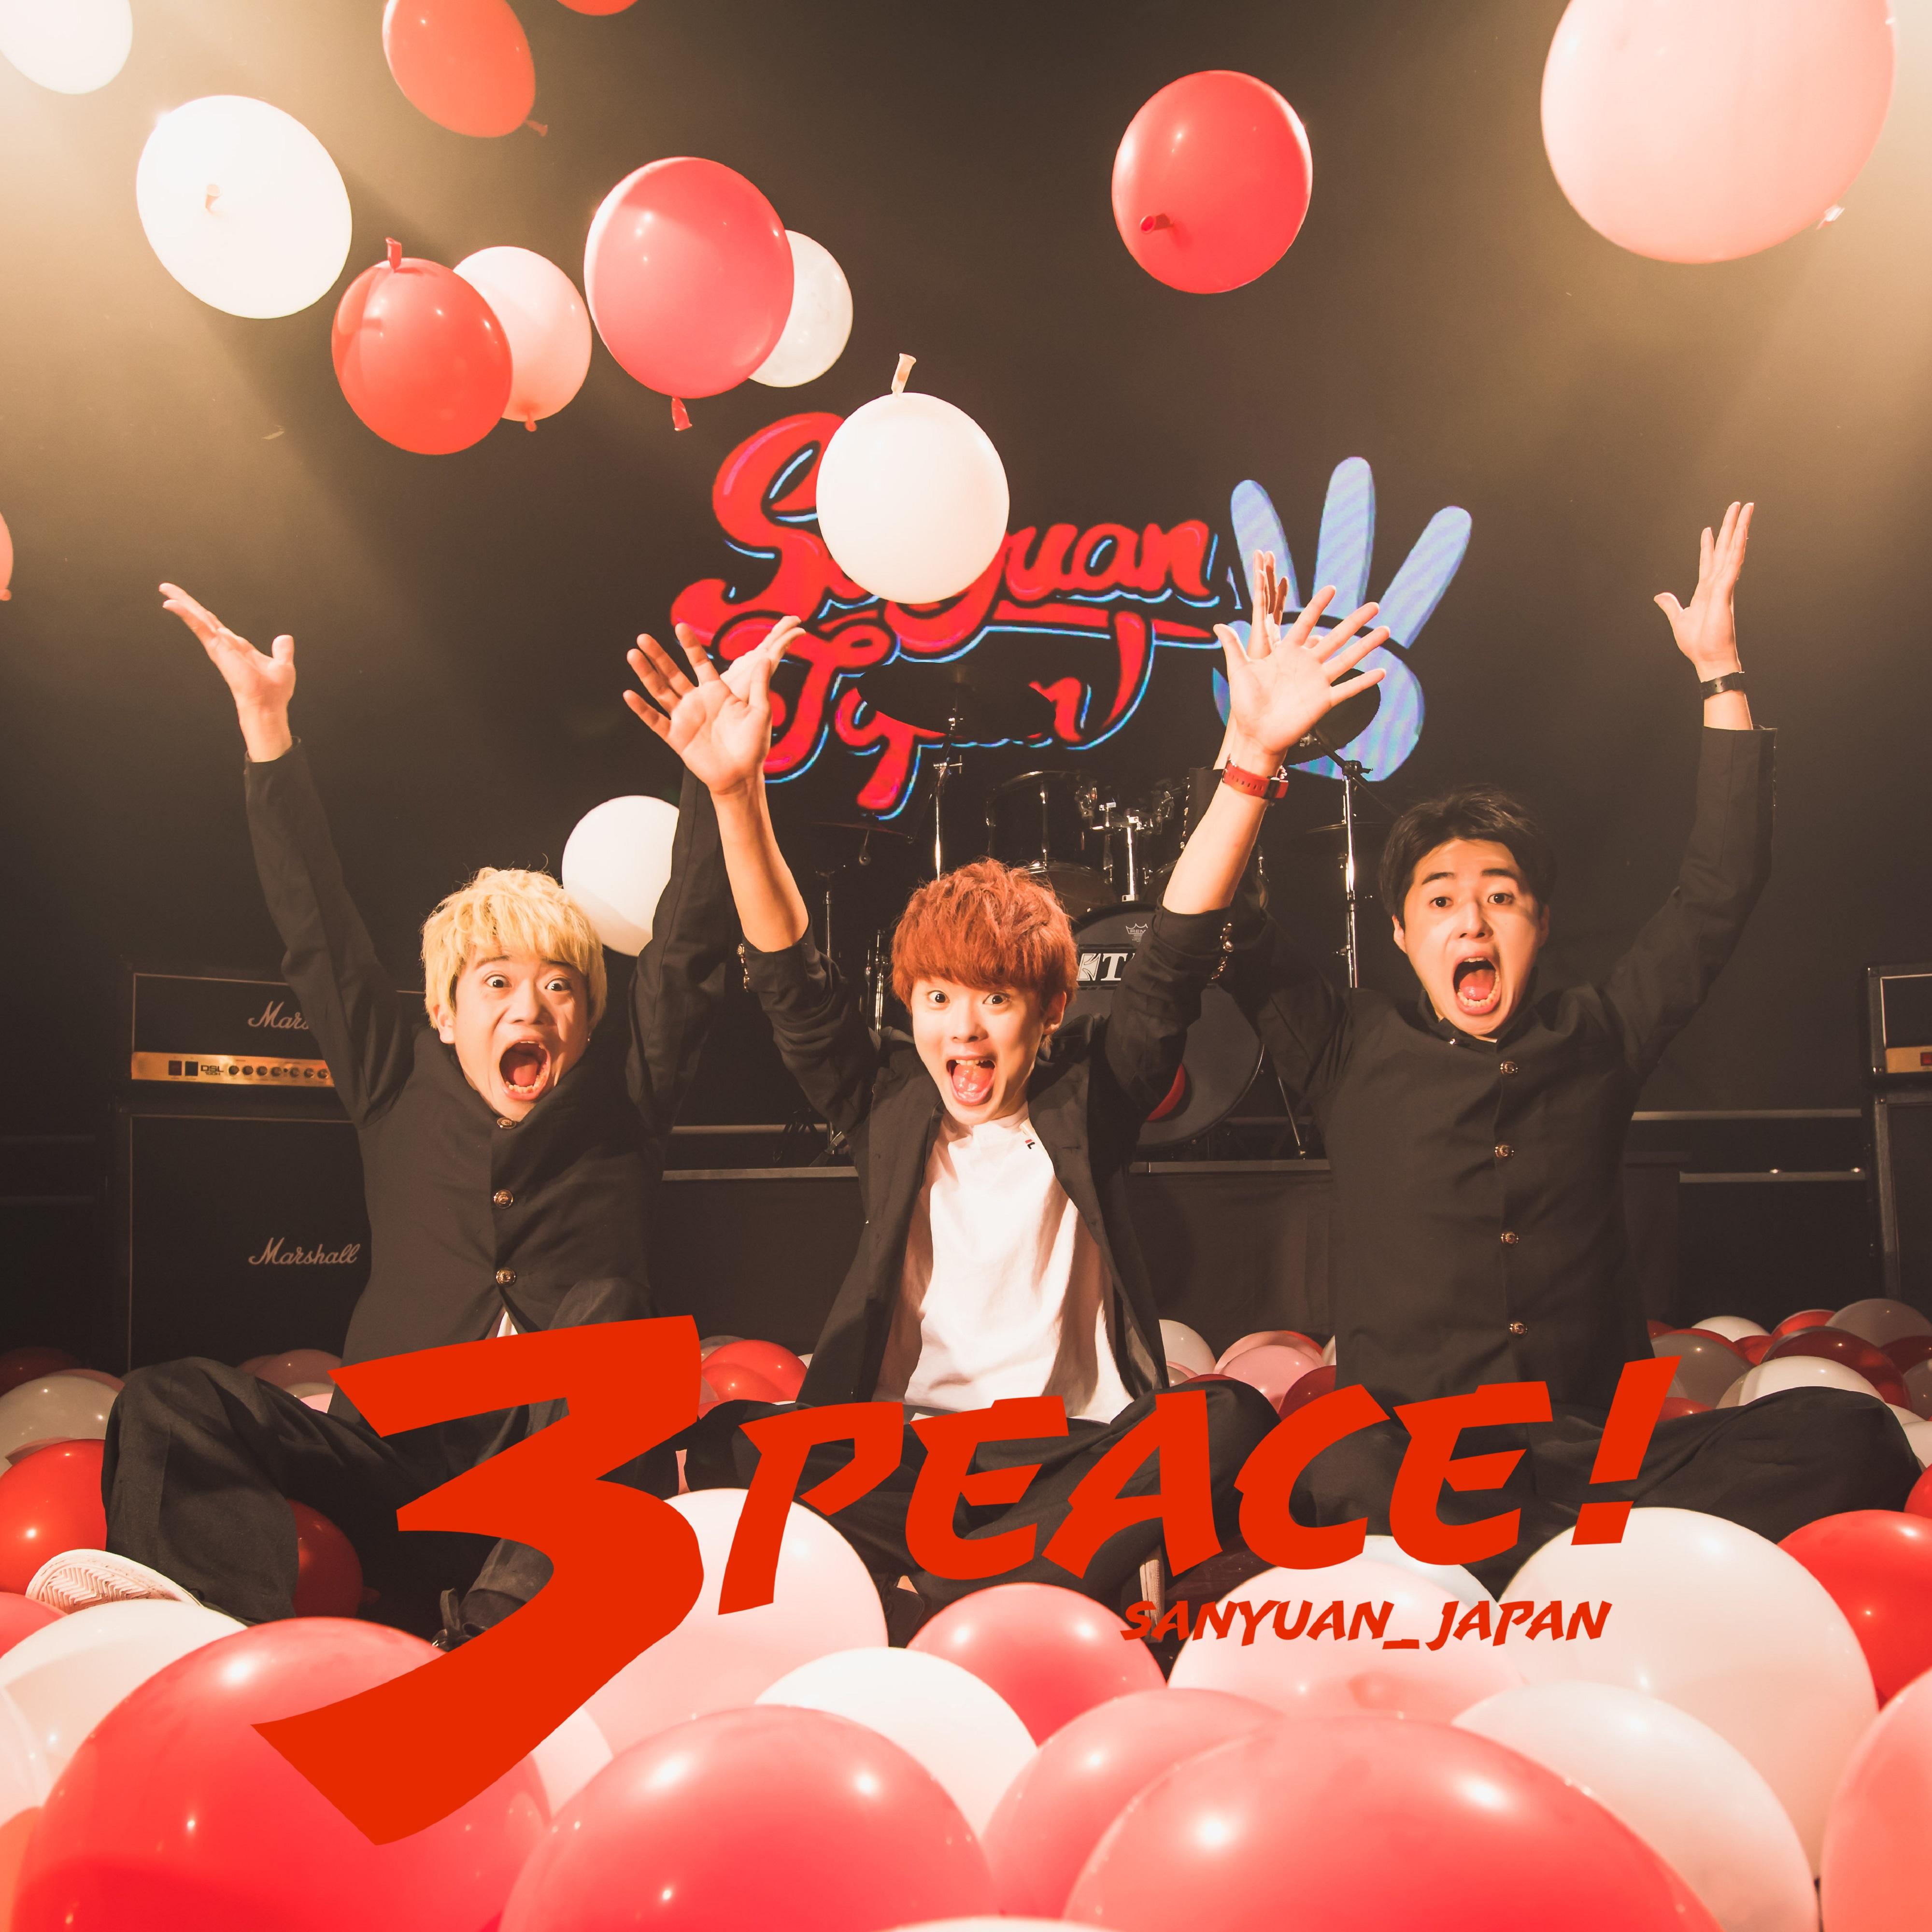 三原JAPAN:3 peace